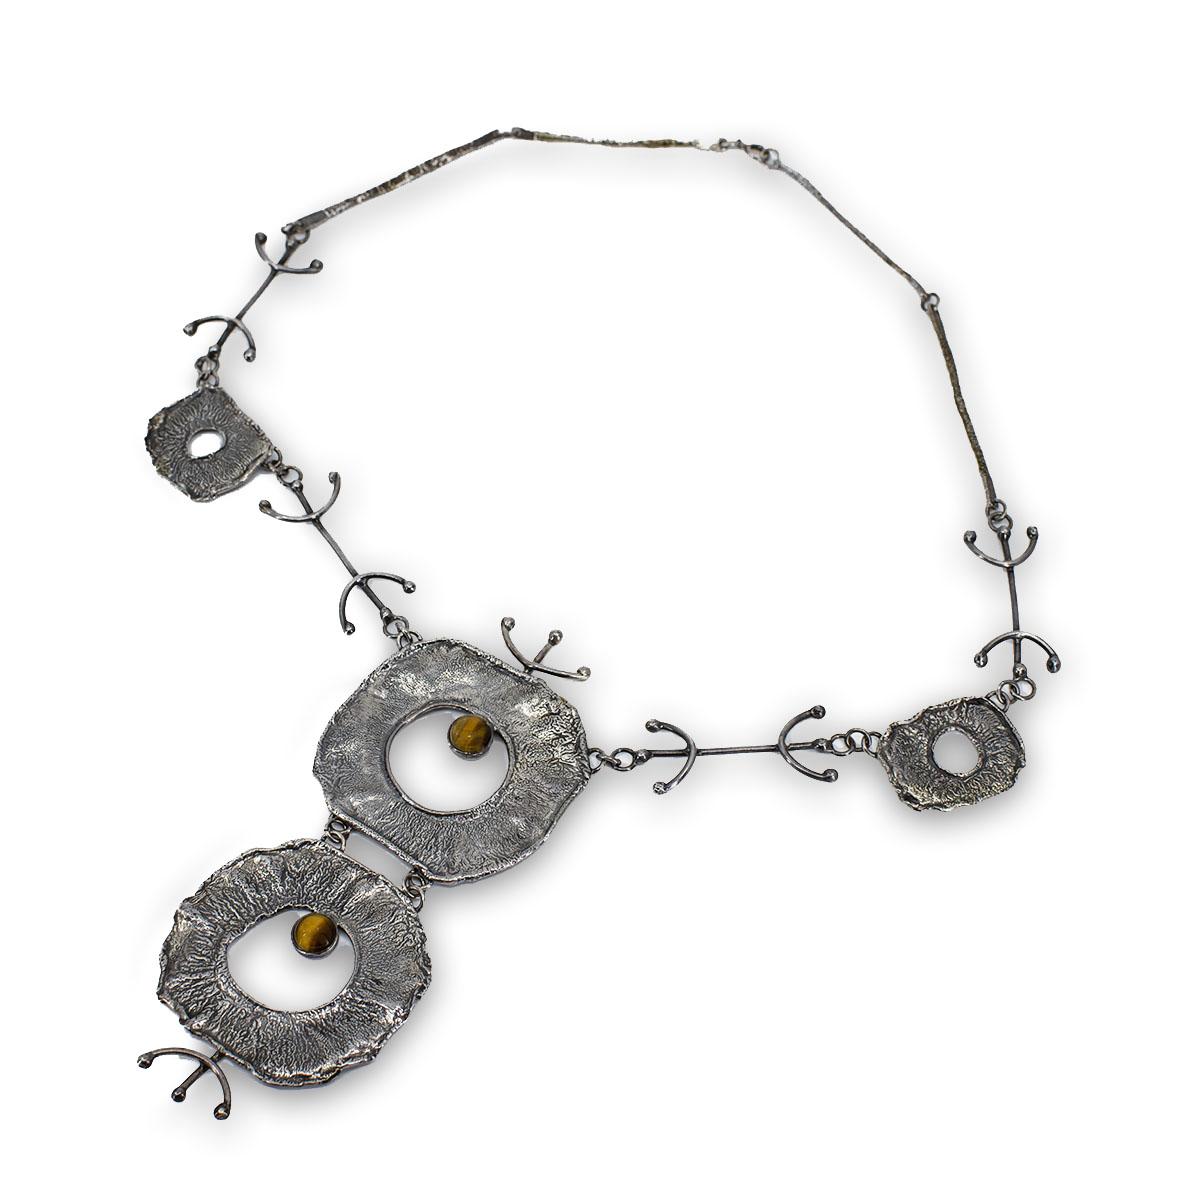 modernist necklace